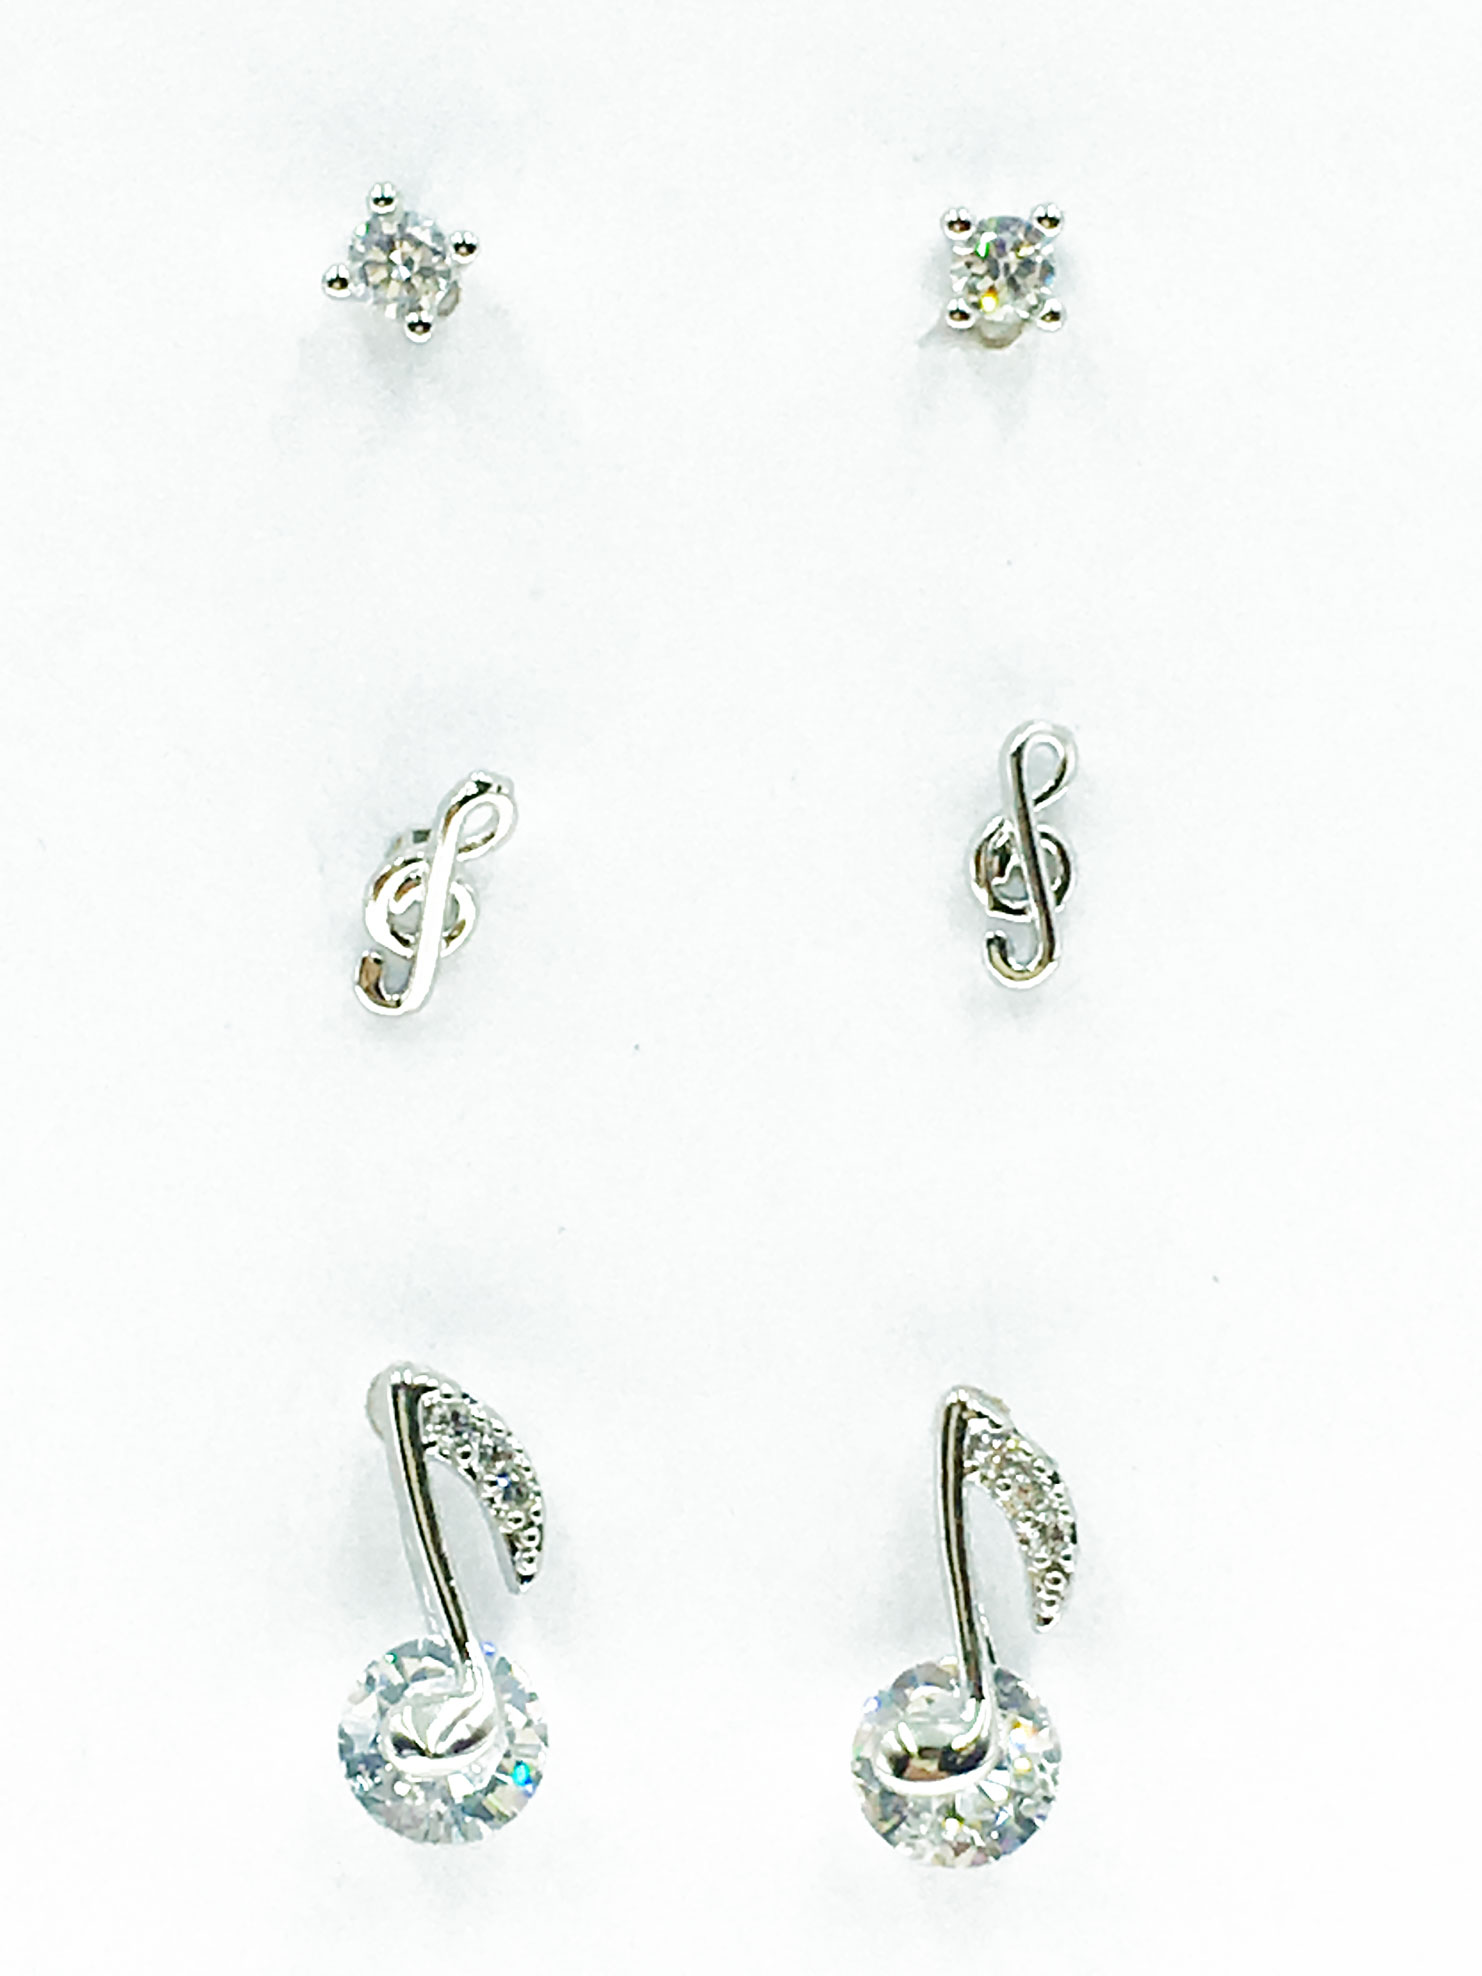 韓國 925純銀 水鑽 音符 6入組 耳針式 耳環